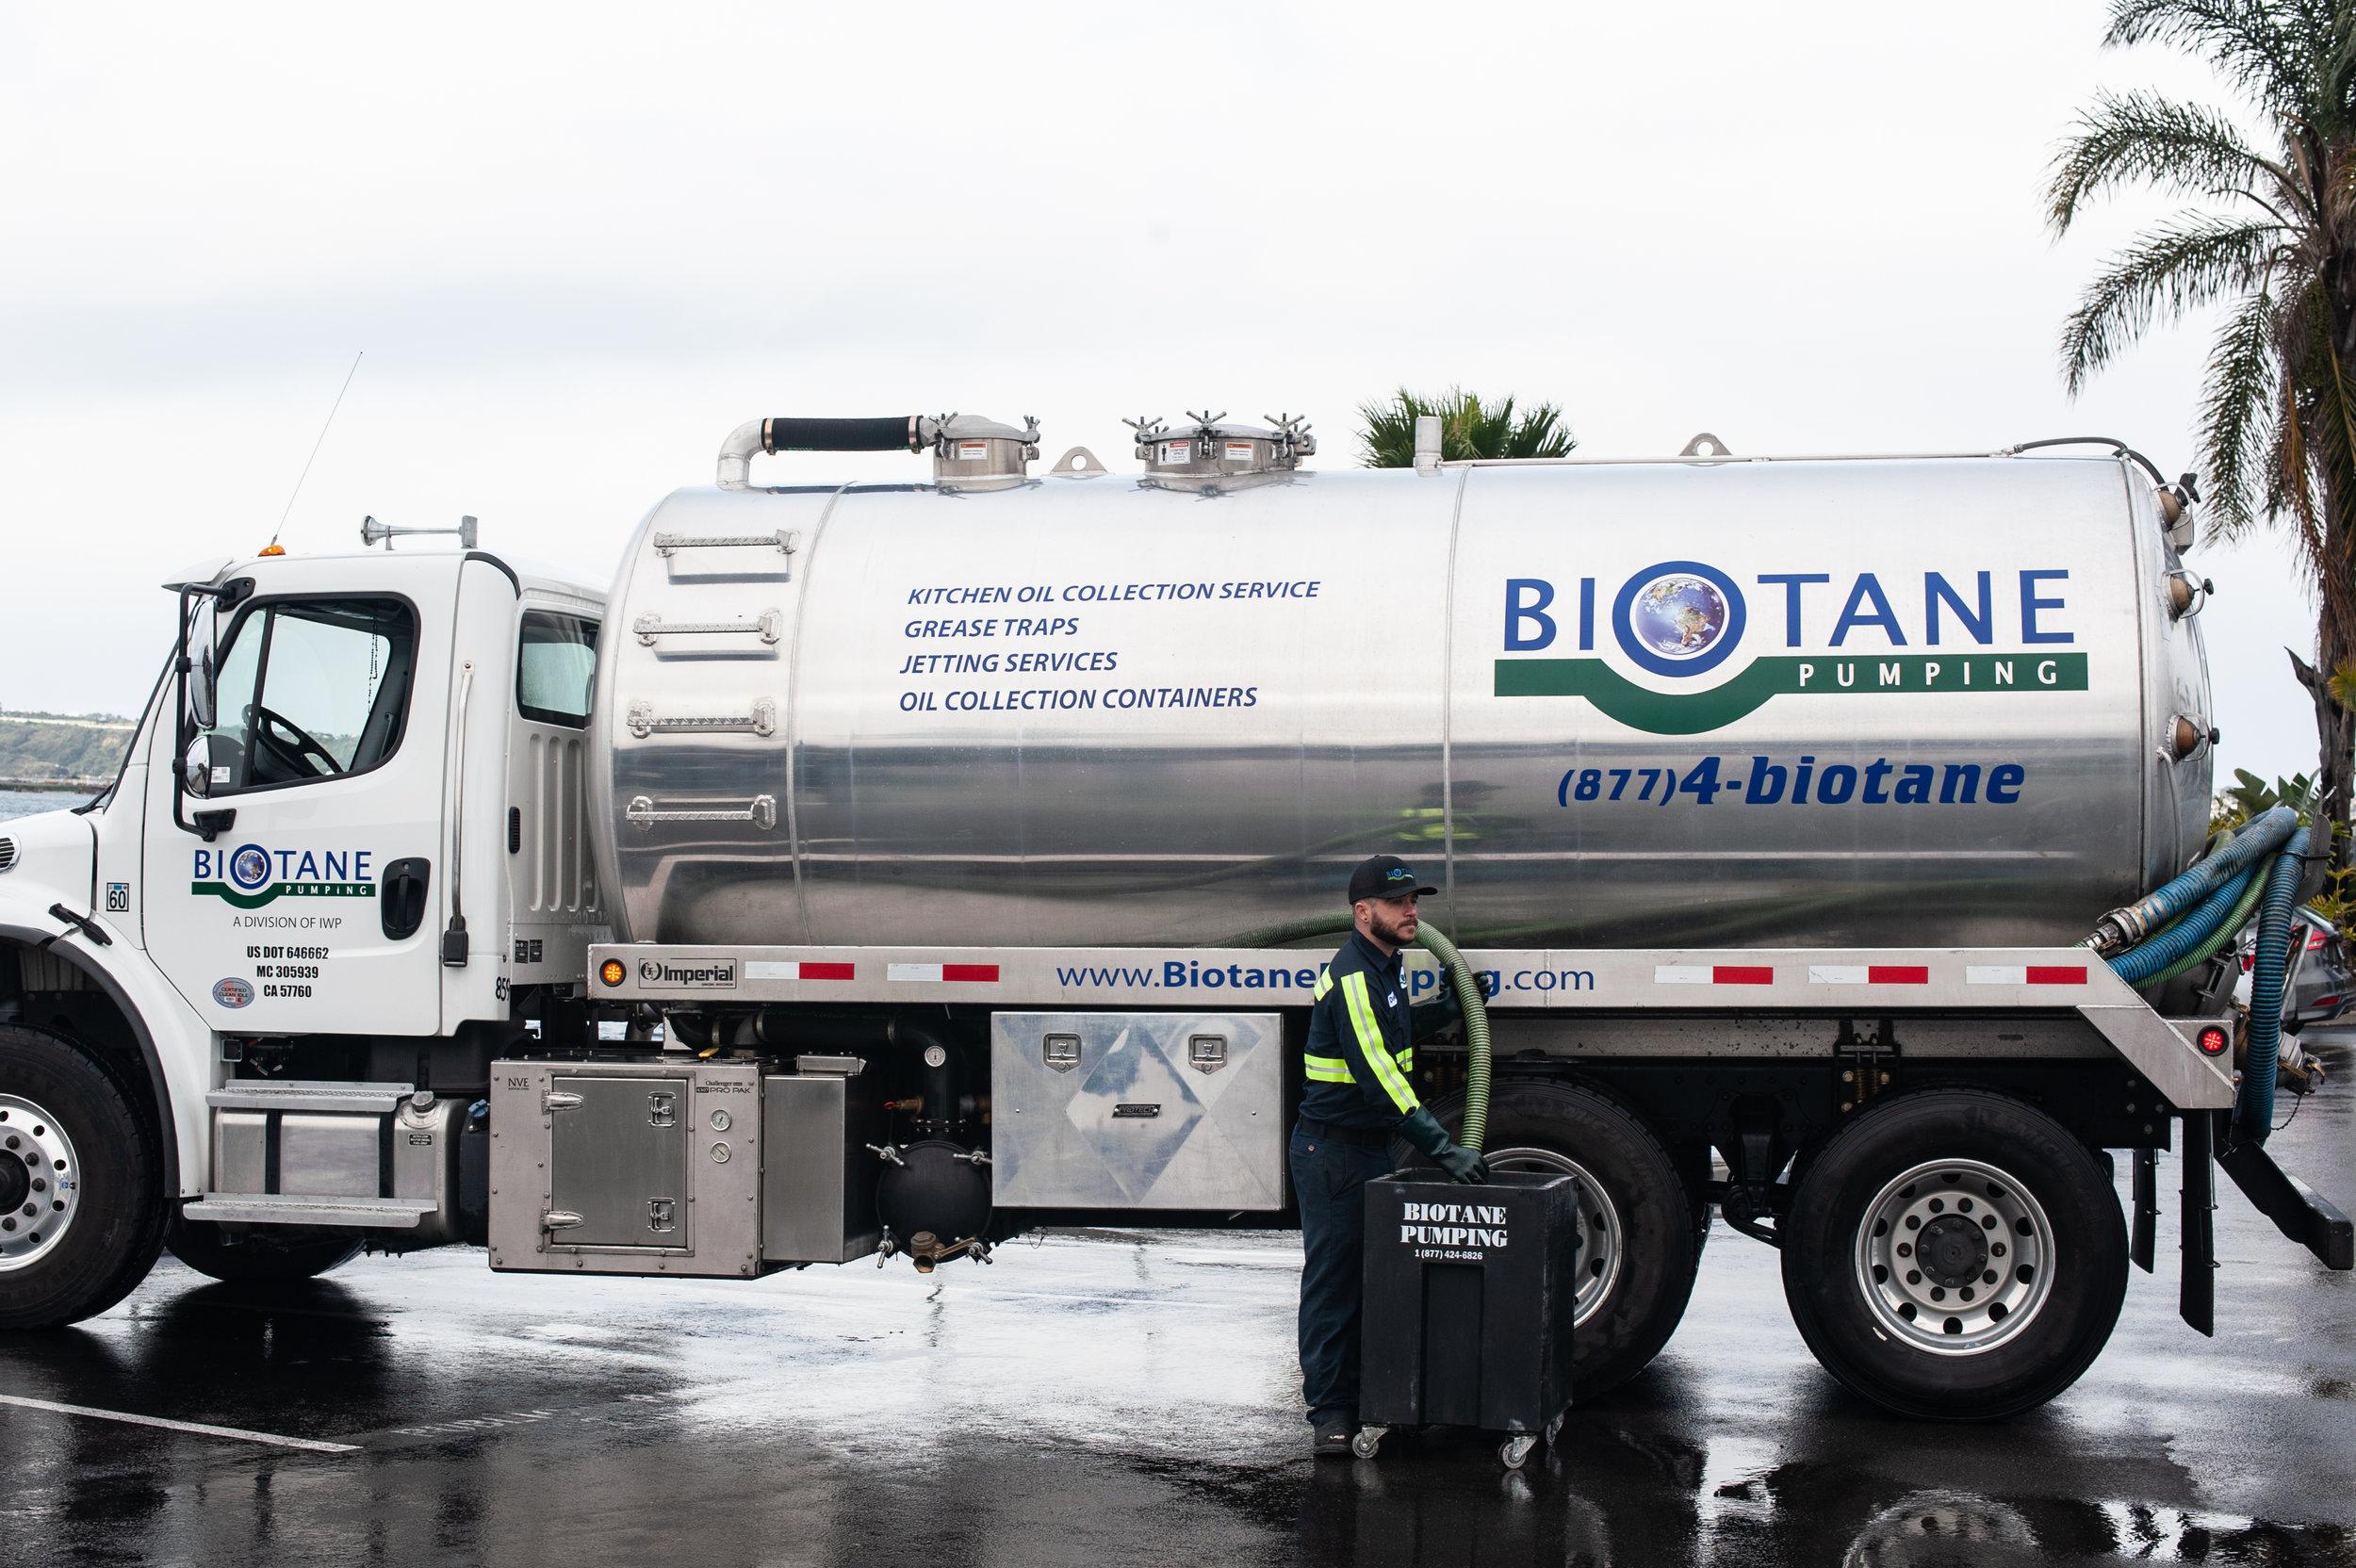 Las Vegas Biotane Pumping